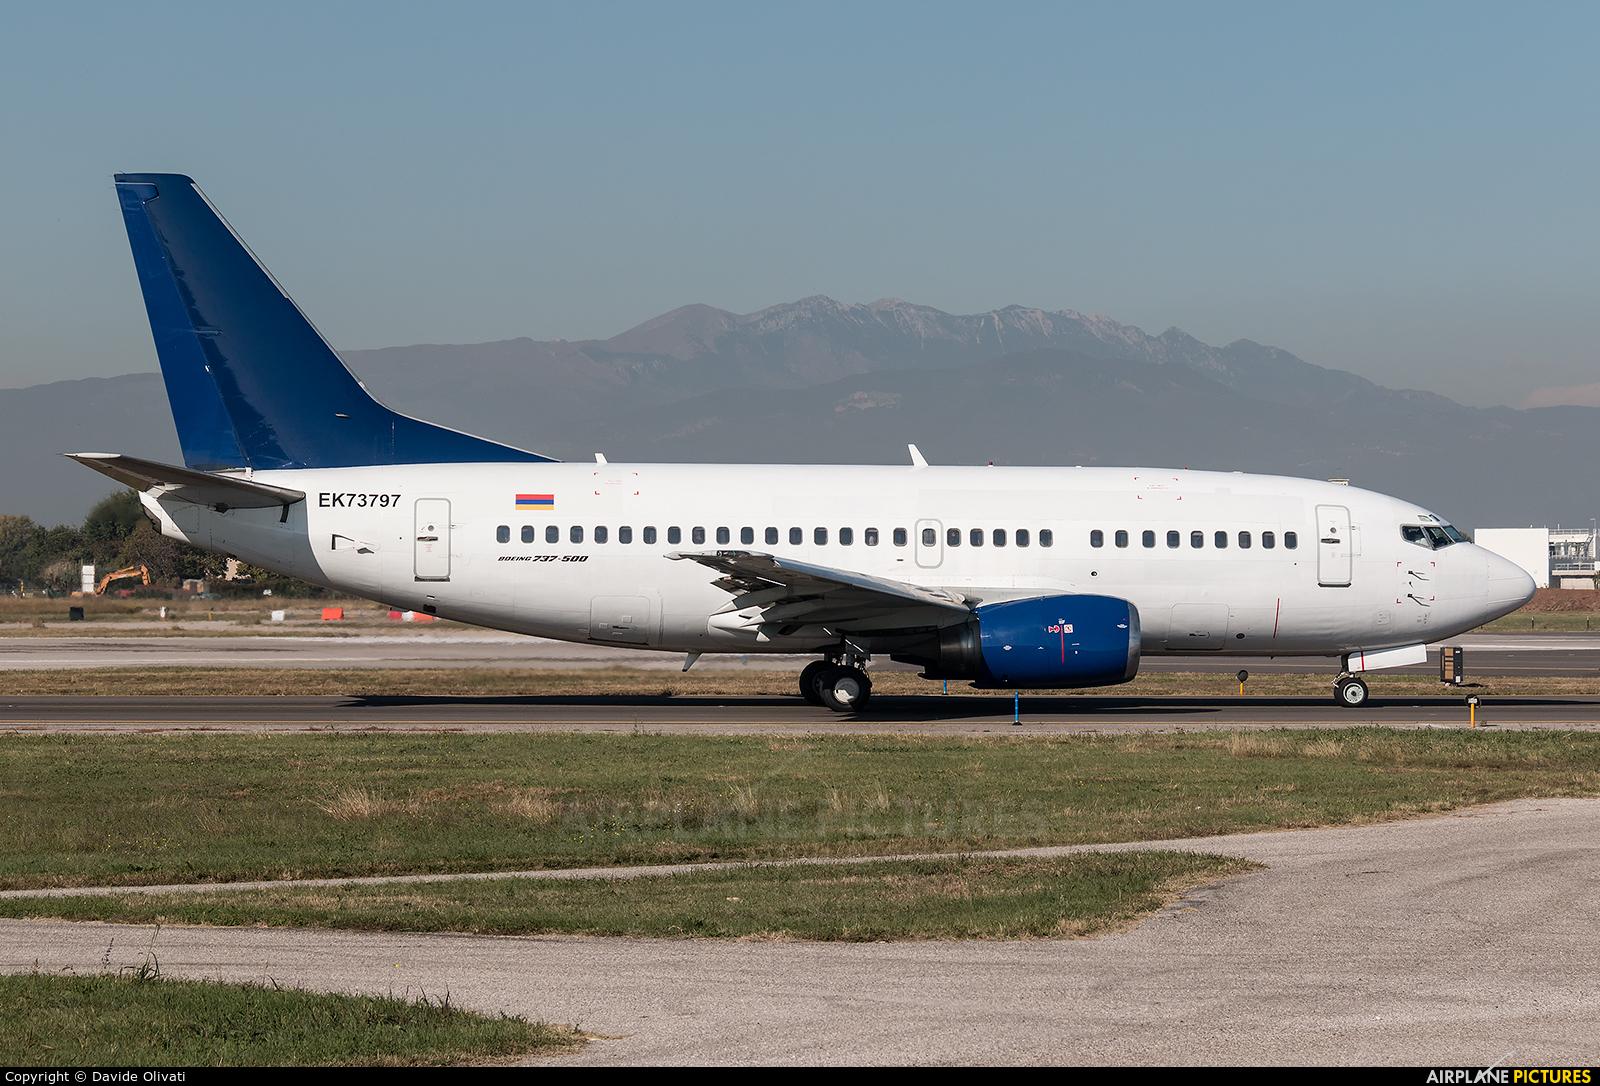 Atlantis European Airways EK73797 aircraft at Verona - Villafranca